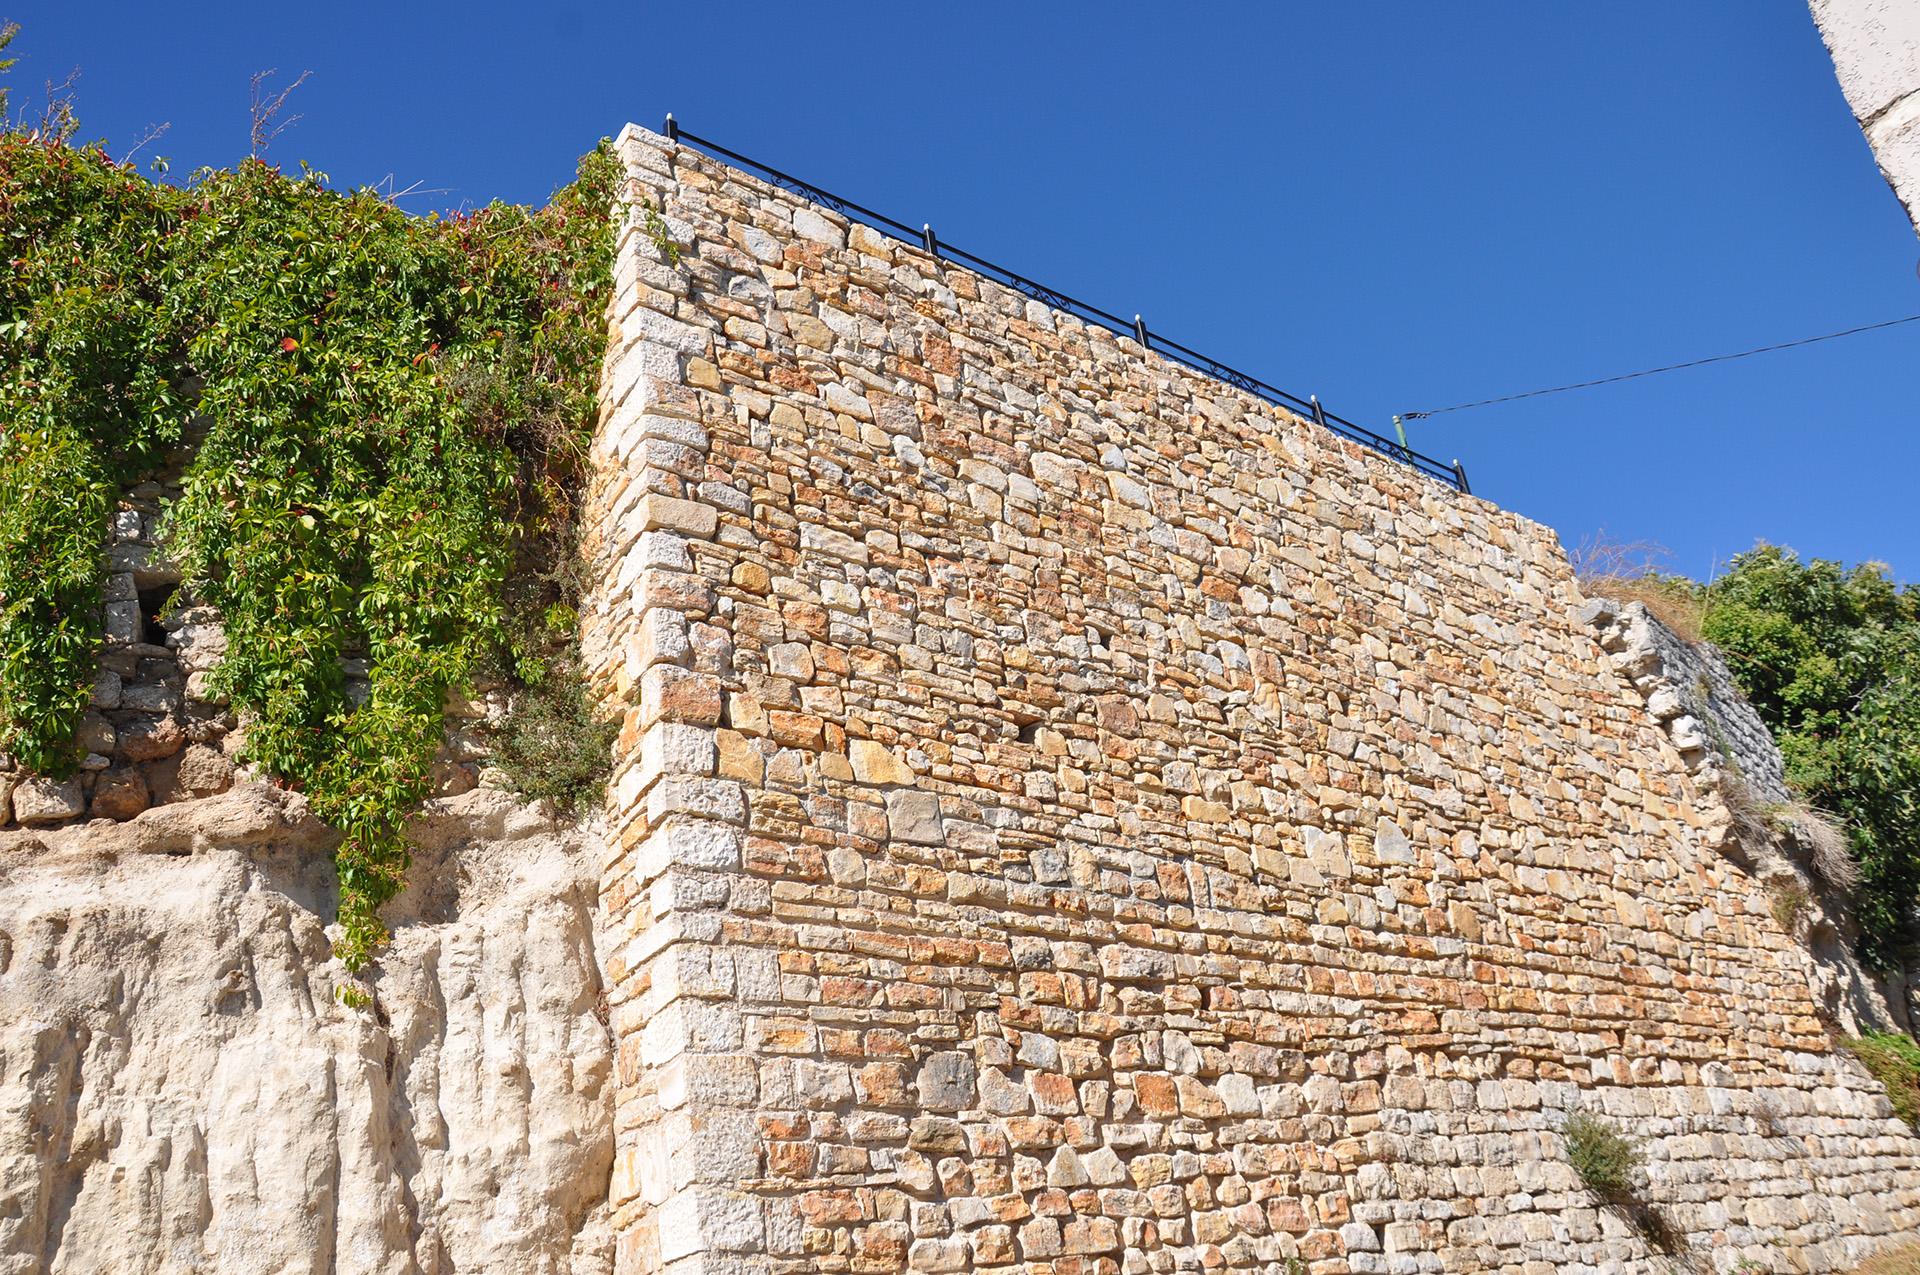 http://www.enm-construction.fr/wp-content/uploads/2016/12/Tailleur-pierre-sèche-var-4.jpg